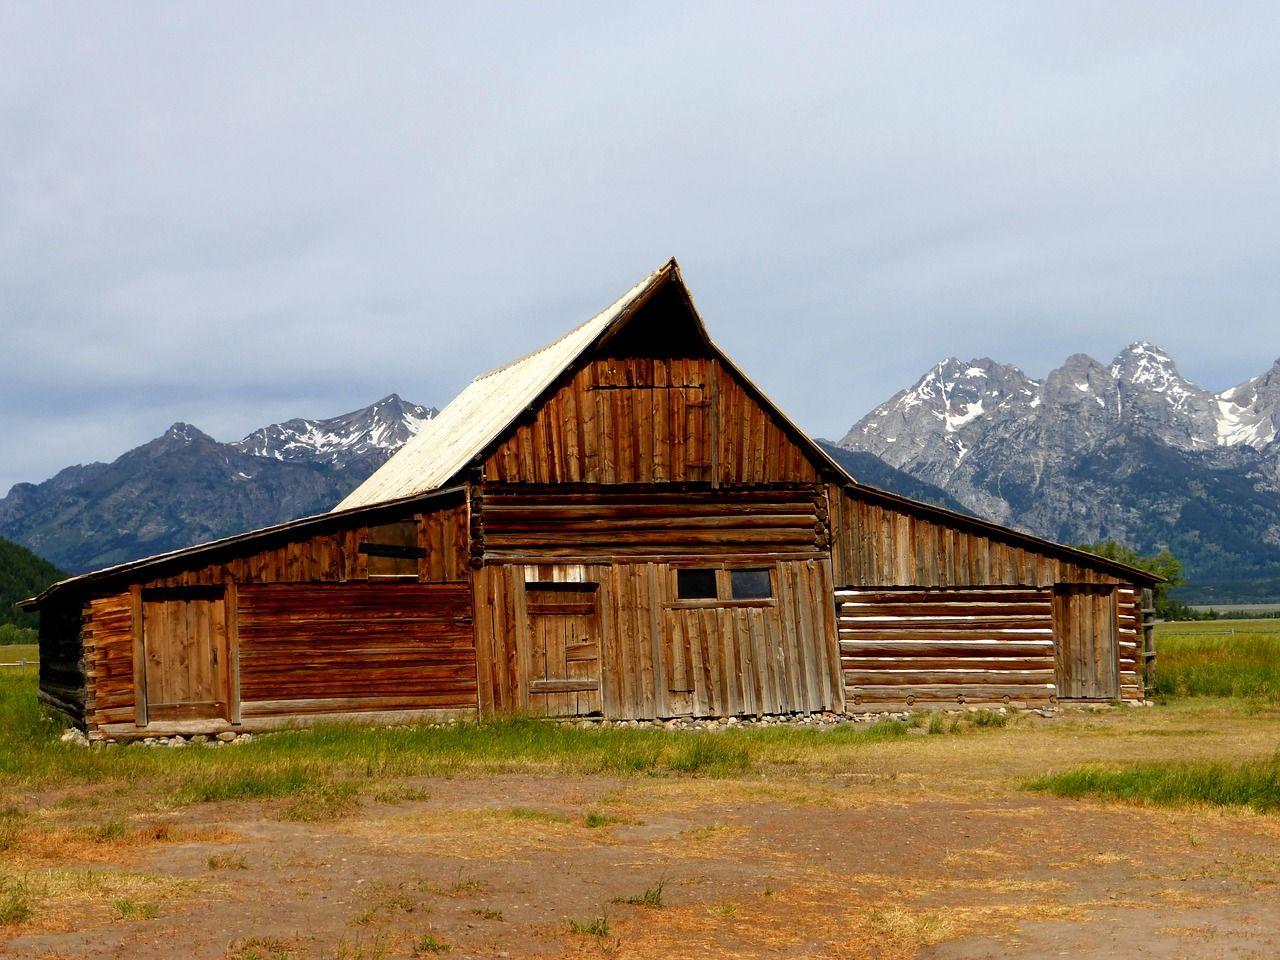 Foto von Holzhütte vor Bergkulisse